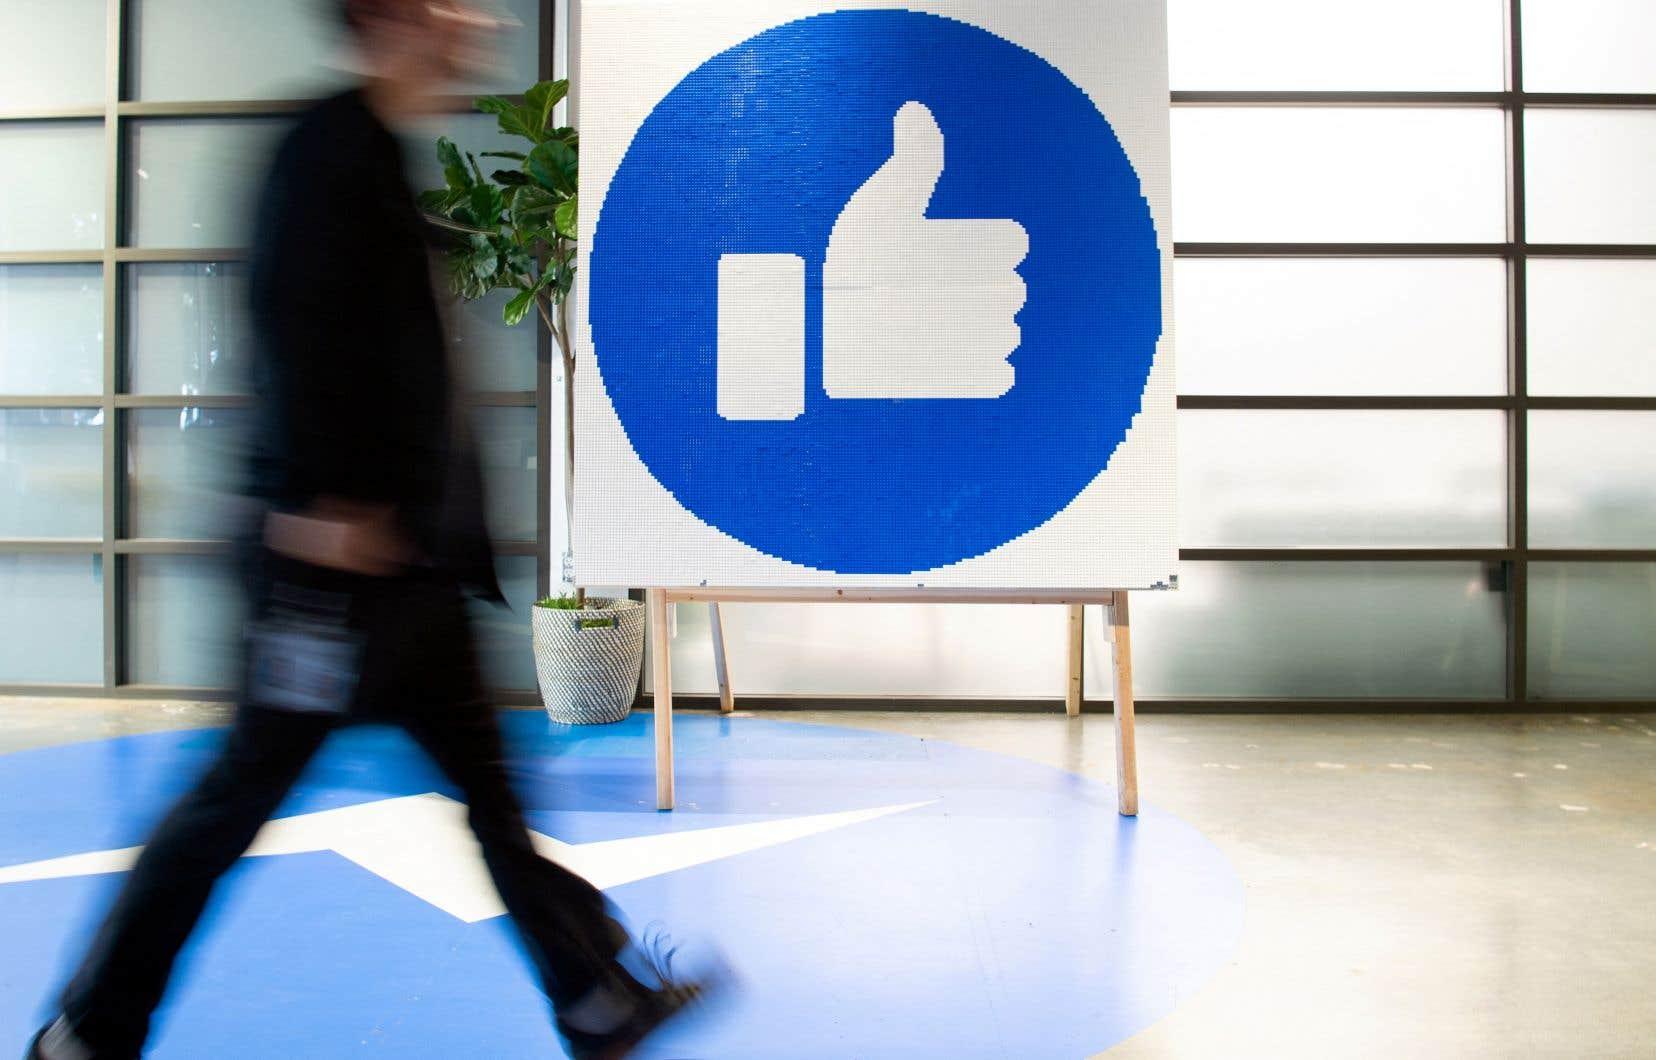 Facebookne donne pas les détails de la répartition des investissements à venir du groupe dans les médias ni la forme que prendront ces derniers.